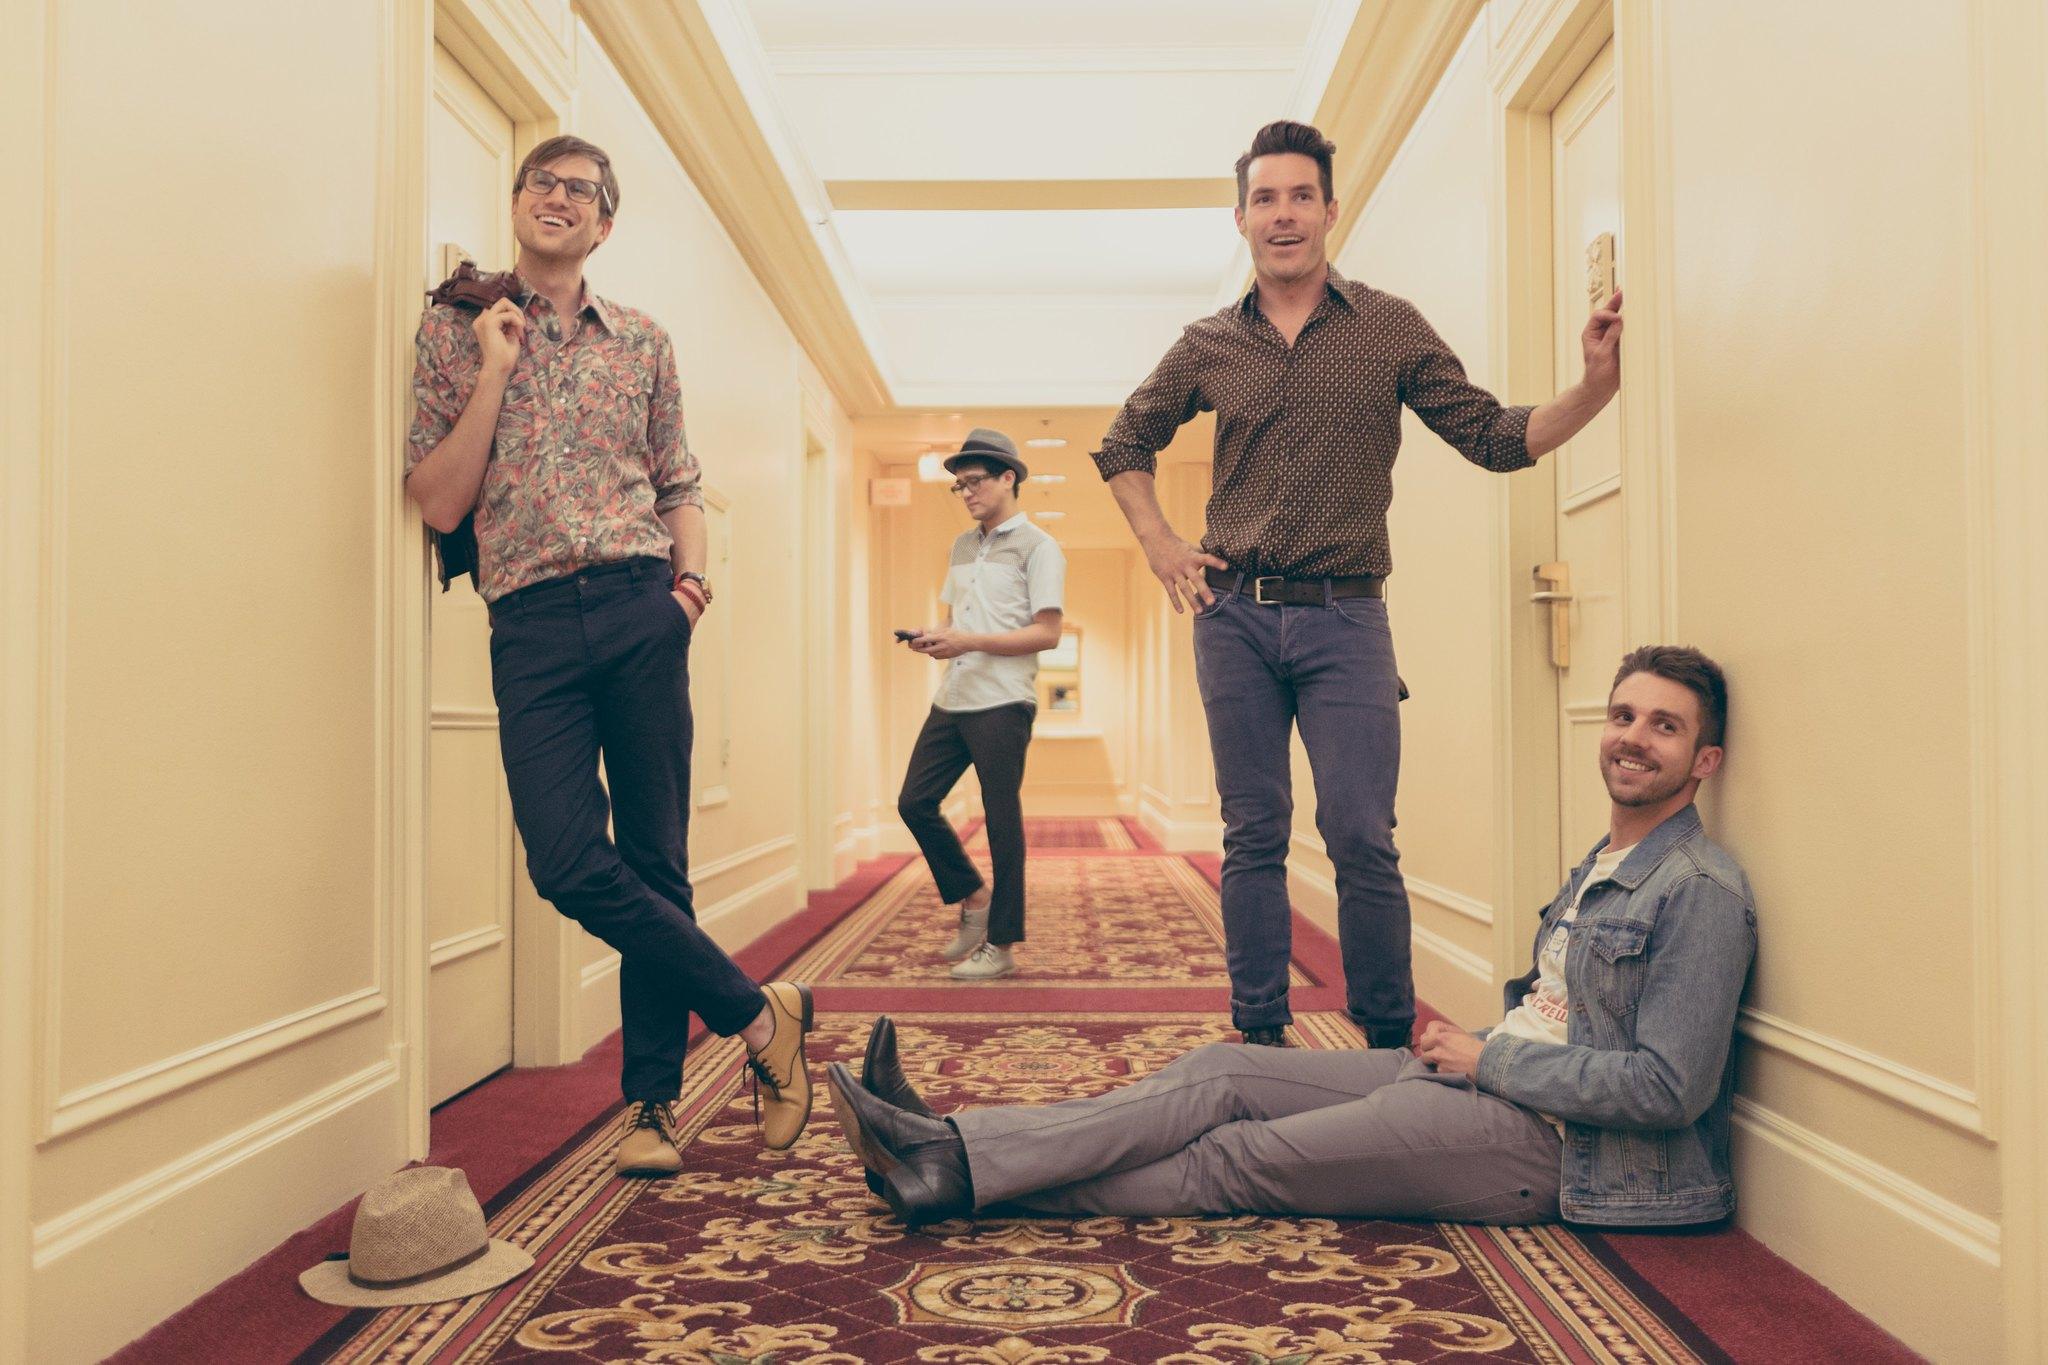 Descobertas Musicais de Junho: foto da banda Saint Motel em um corredor de hotel